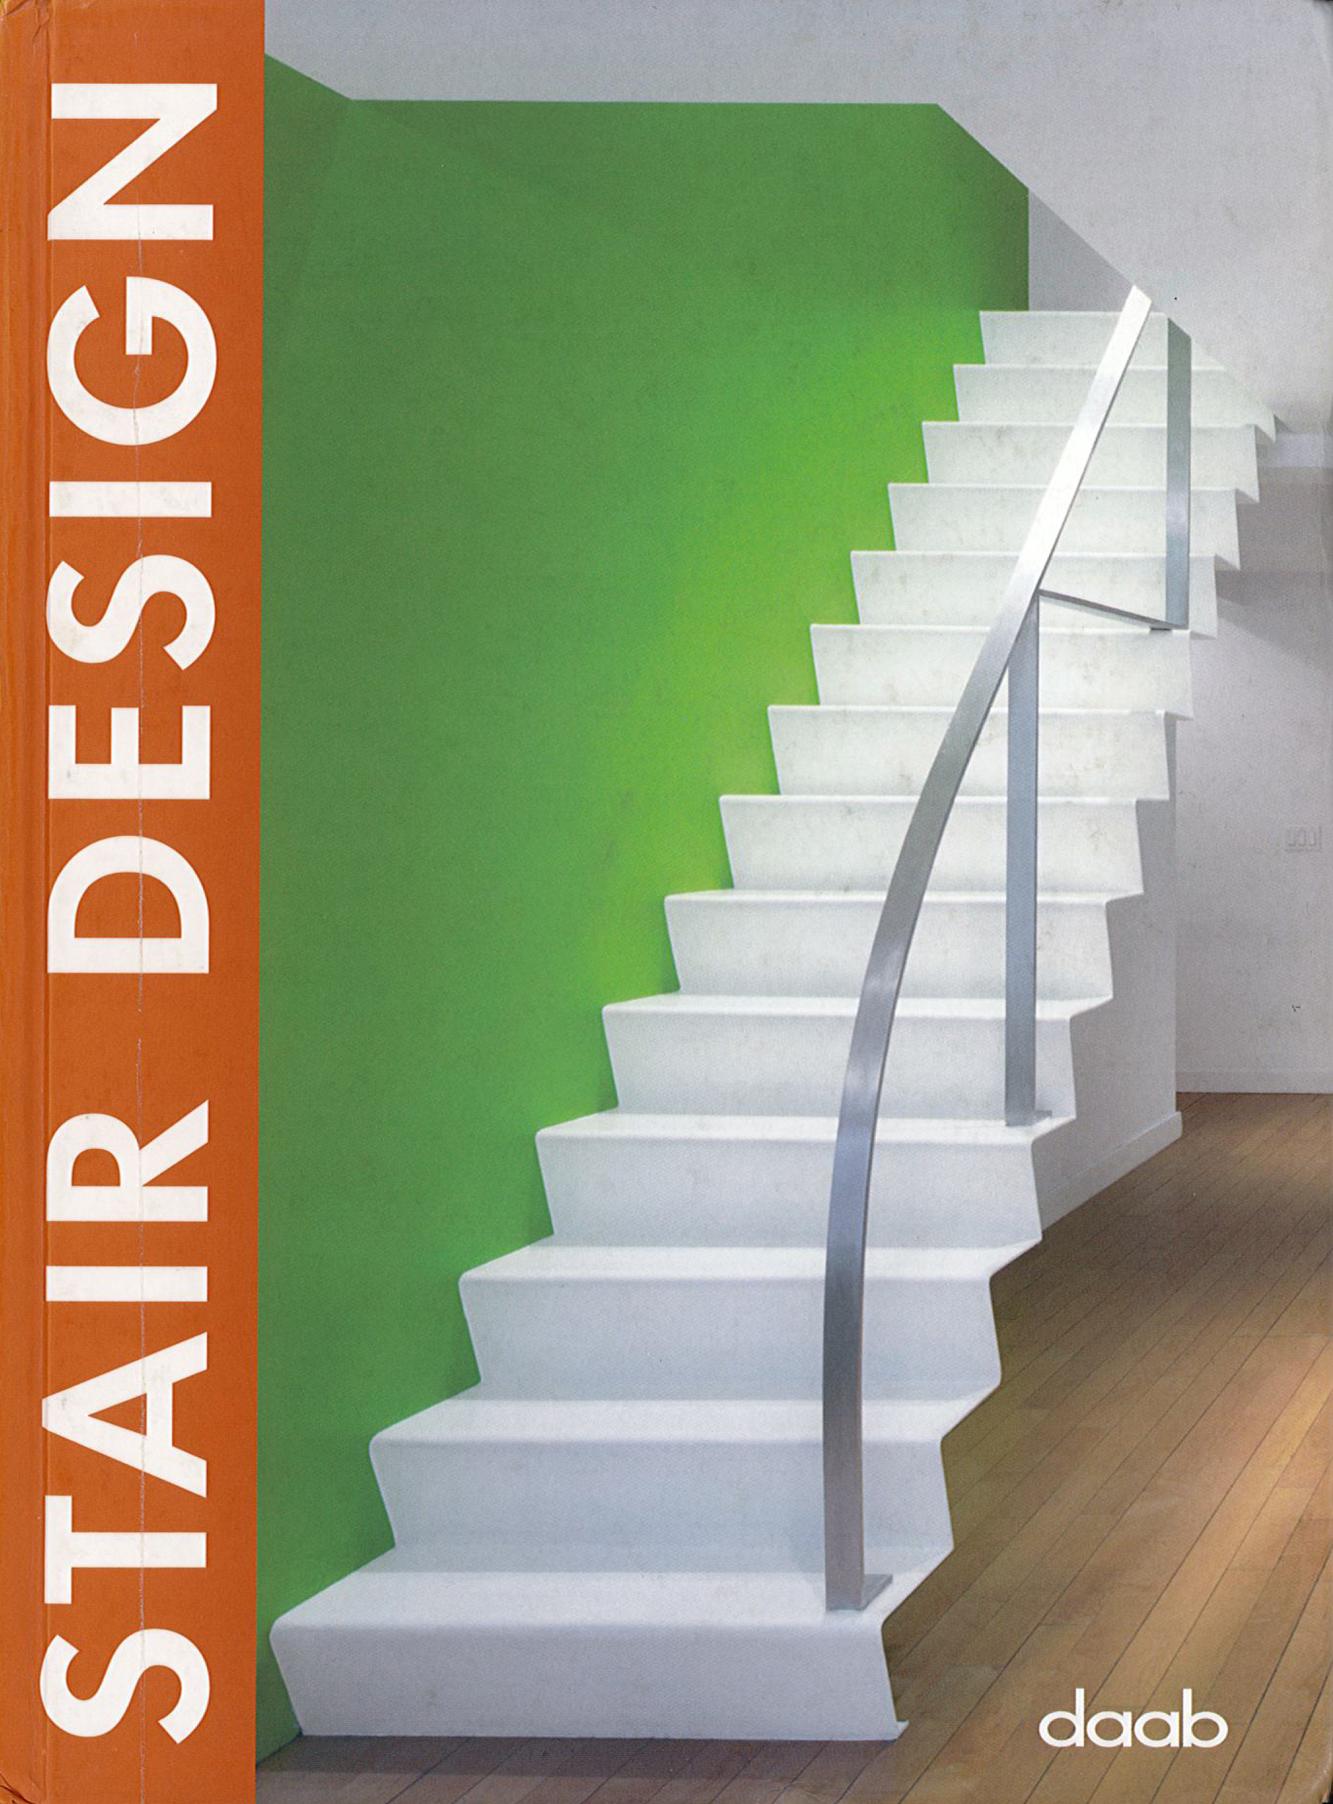 Pubblicazioni - Stair design - oberti+oberti   architetti